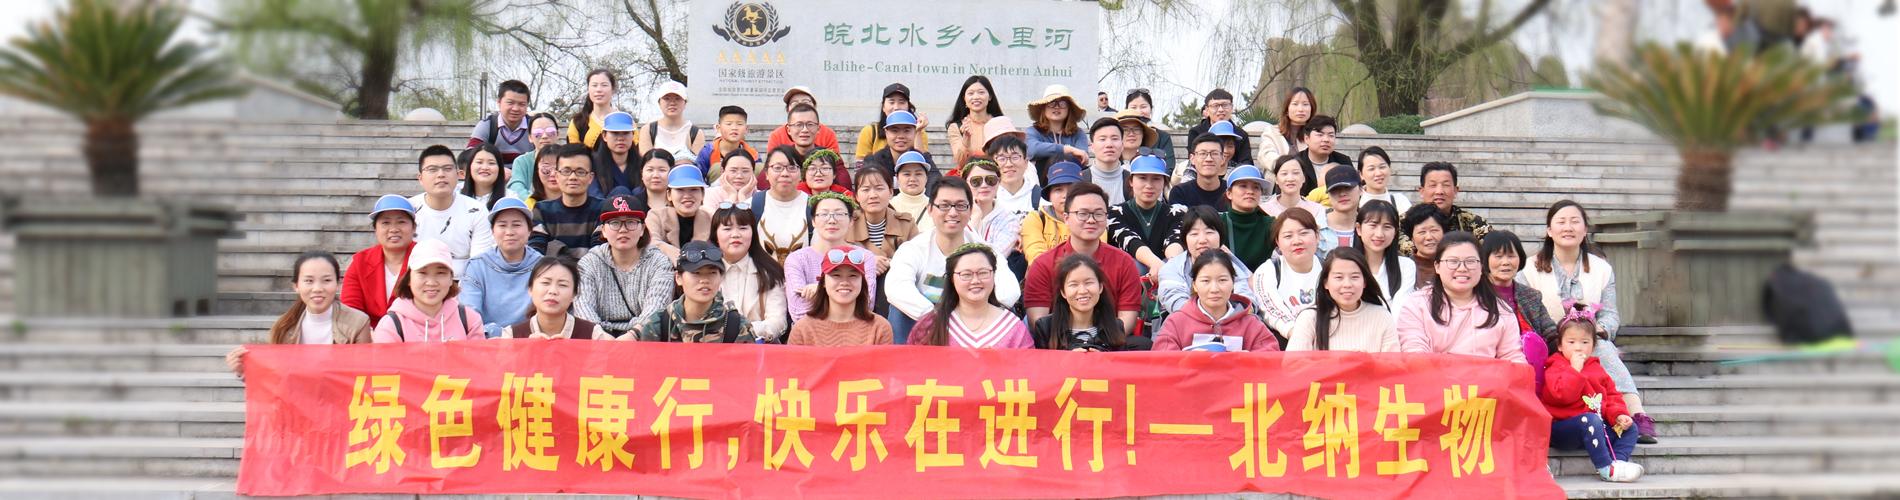 188体育-www.bncc.org.cn北纳生物